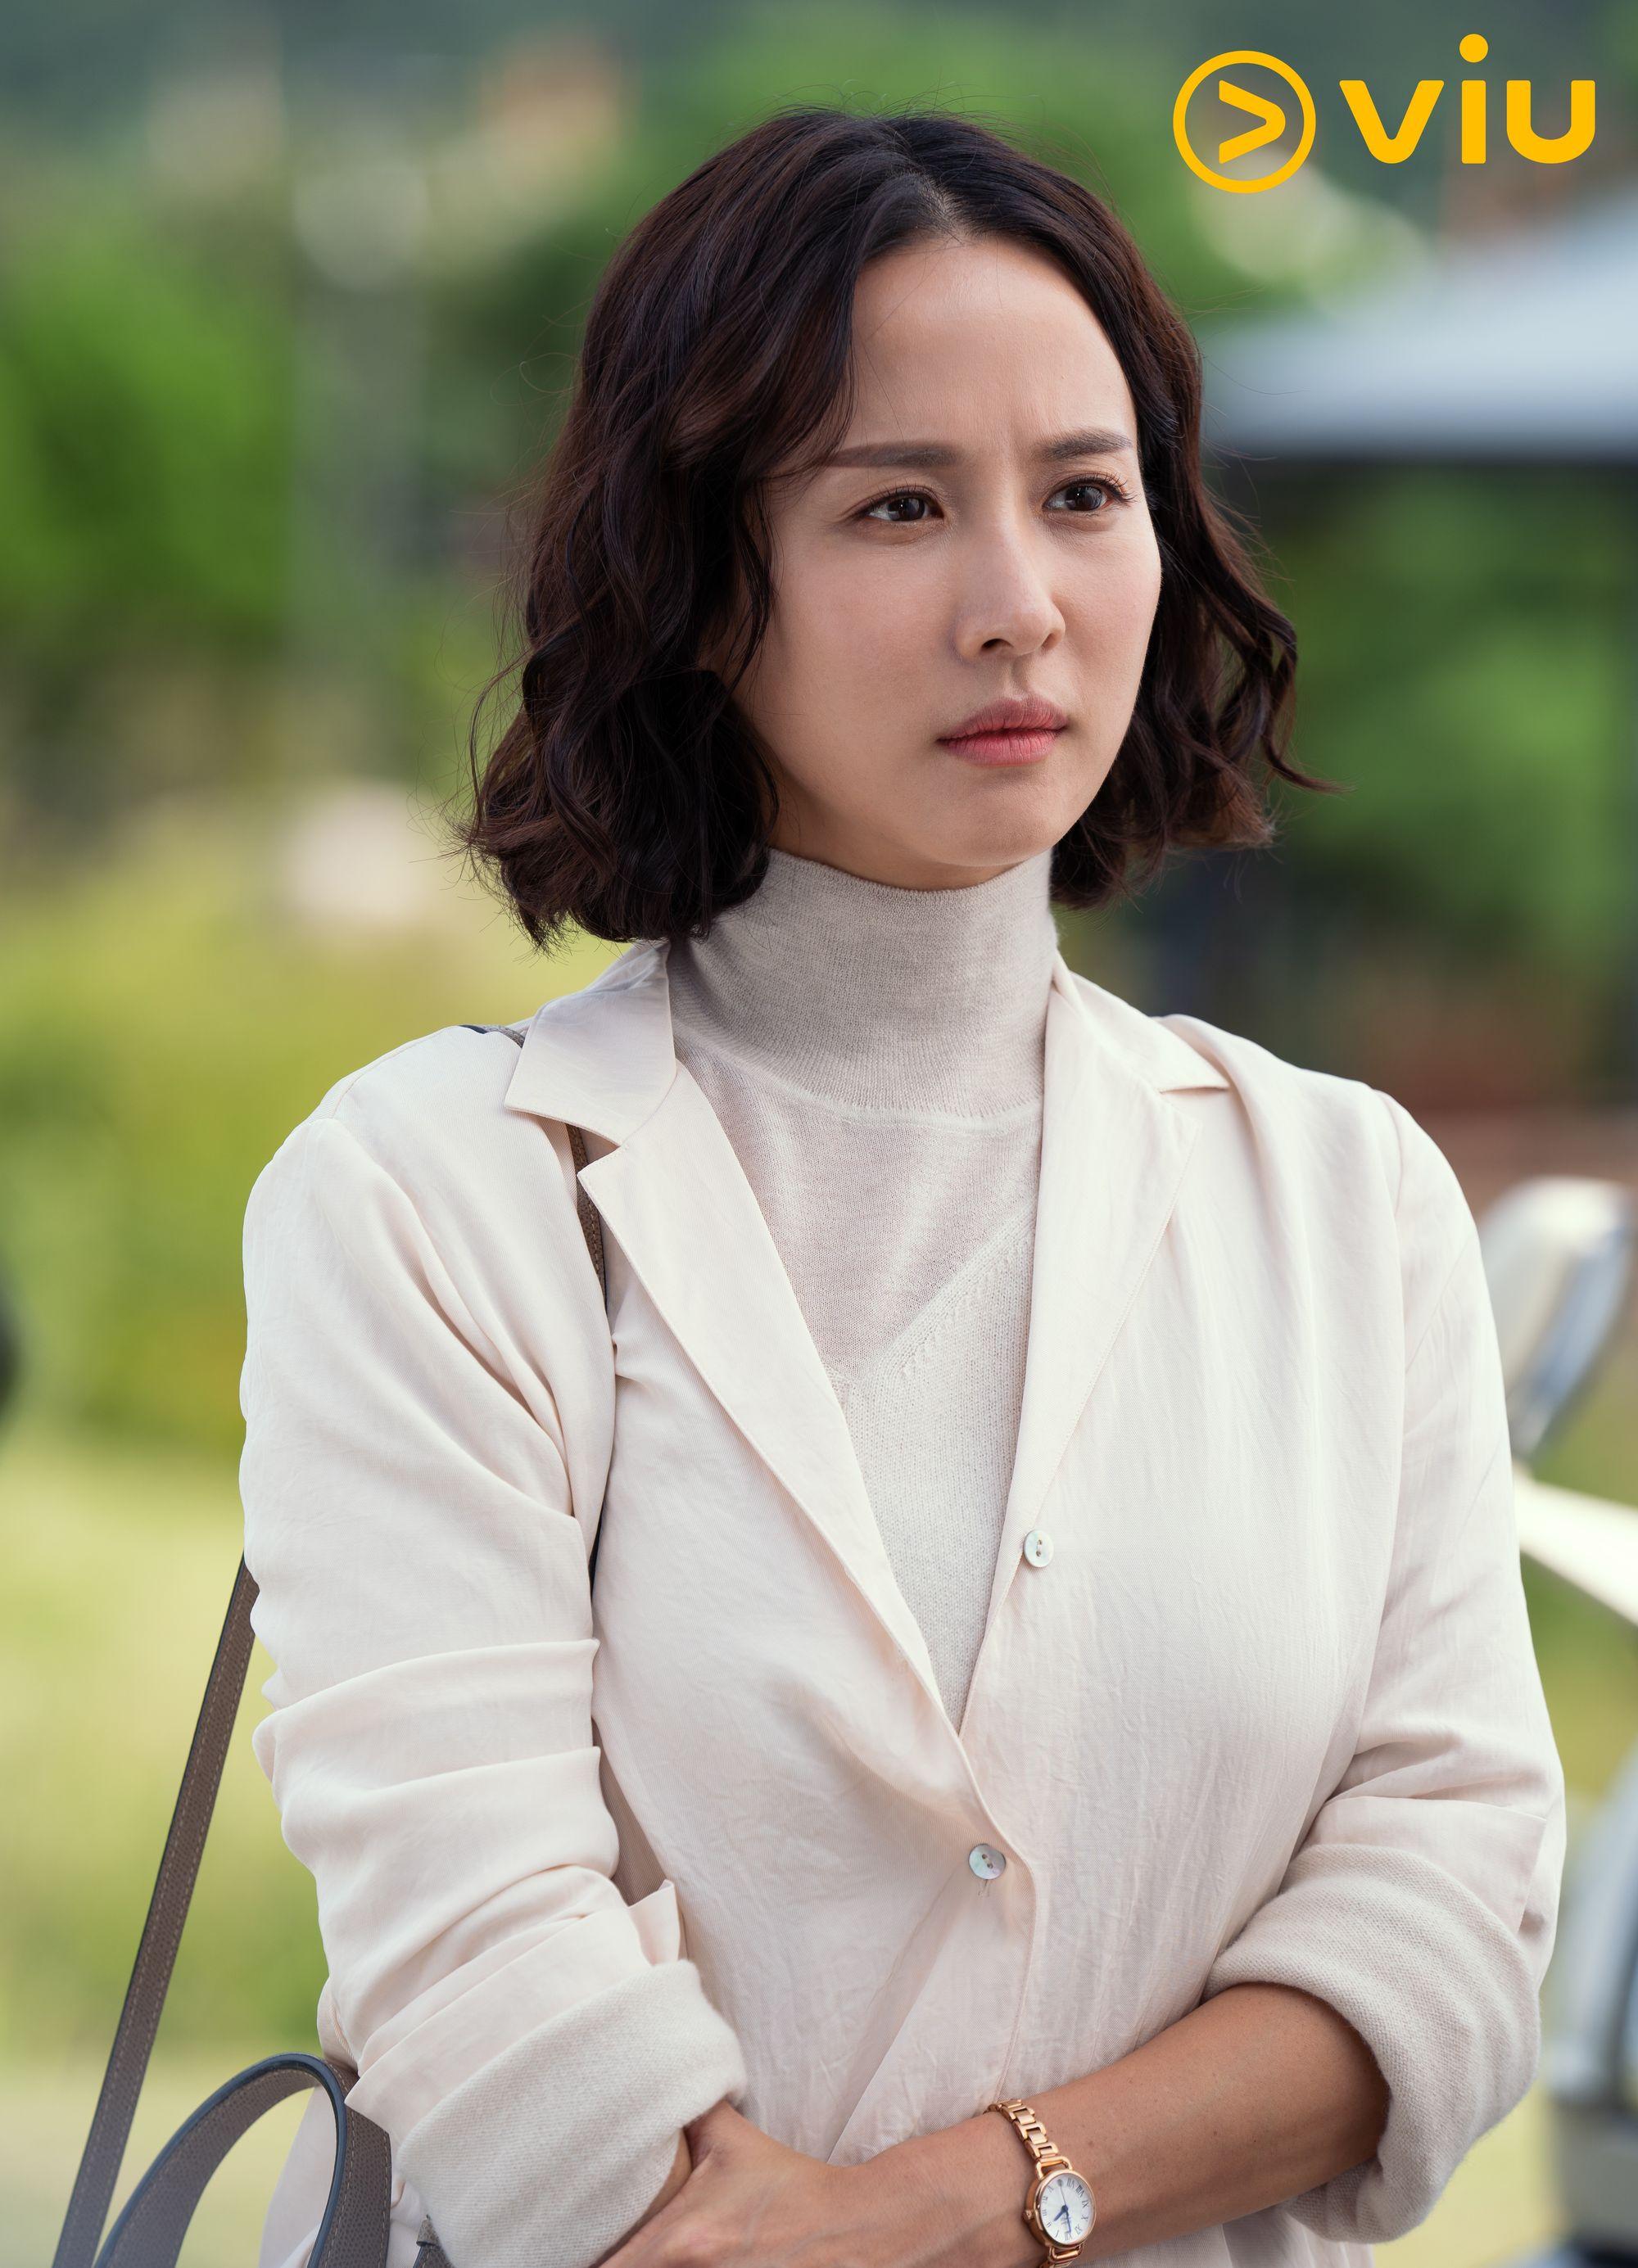 趙汝珍在新劇突然獲得99億現金。